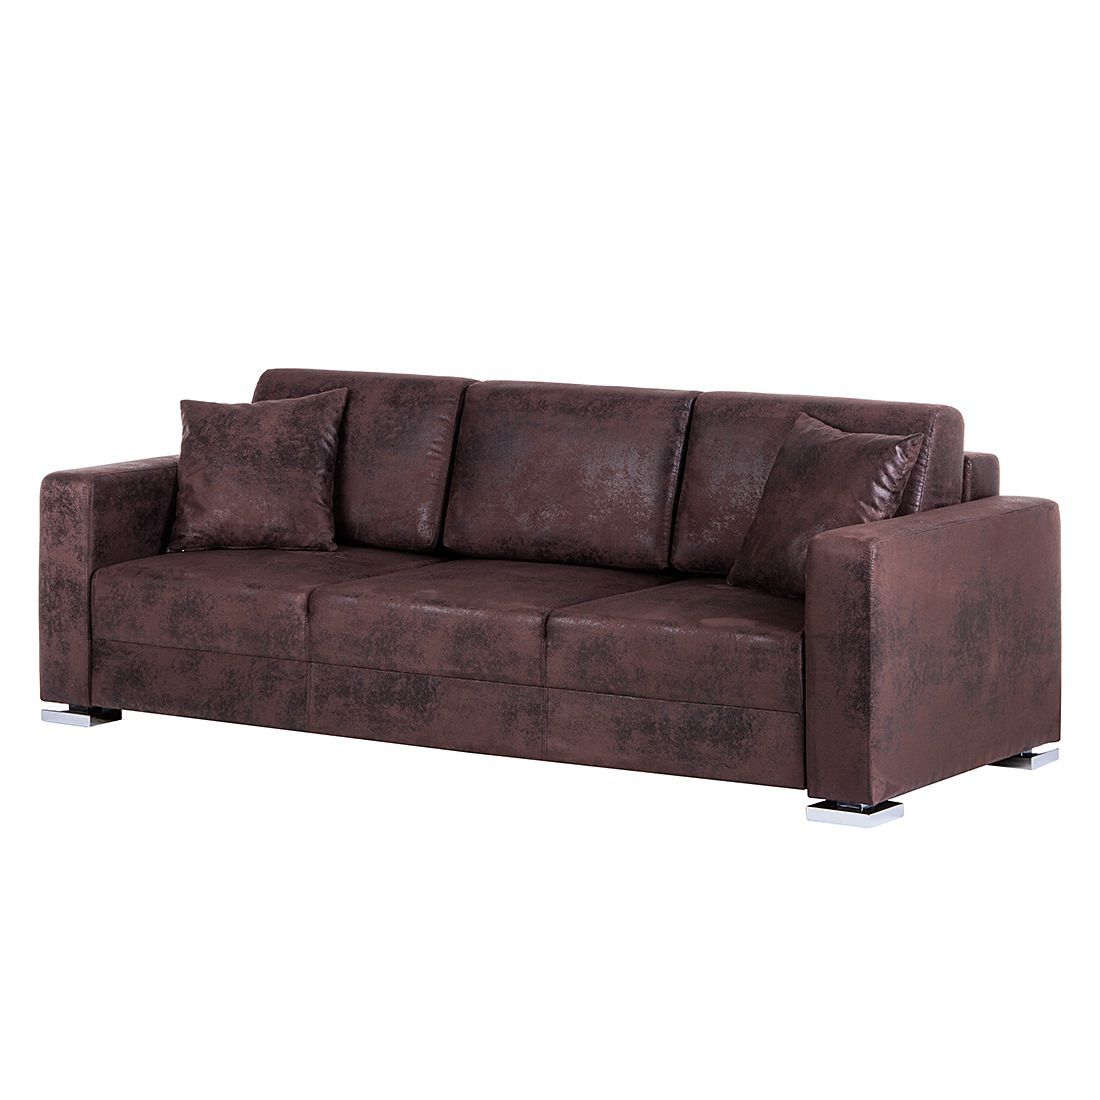 Schlafsofa Reims Big Sofa Kaufen Sofa Wohnzimmer Couch